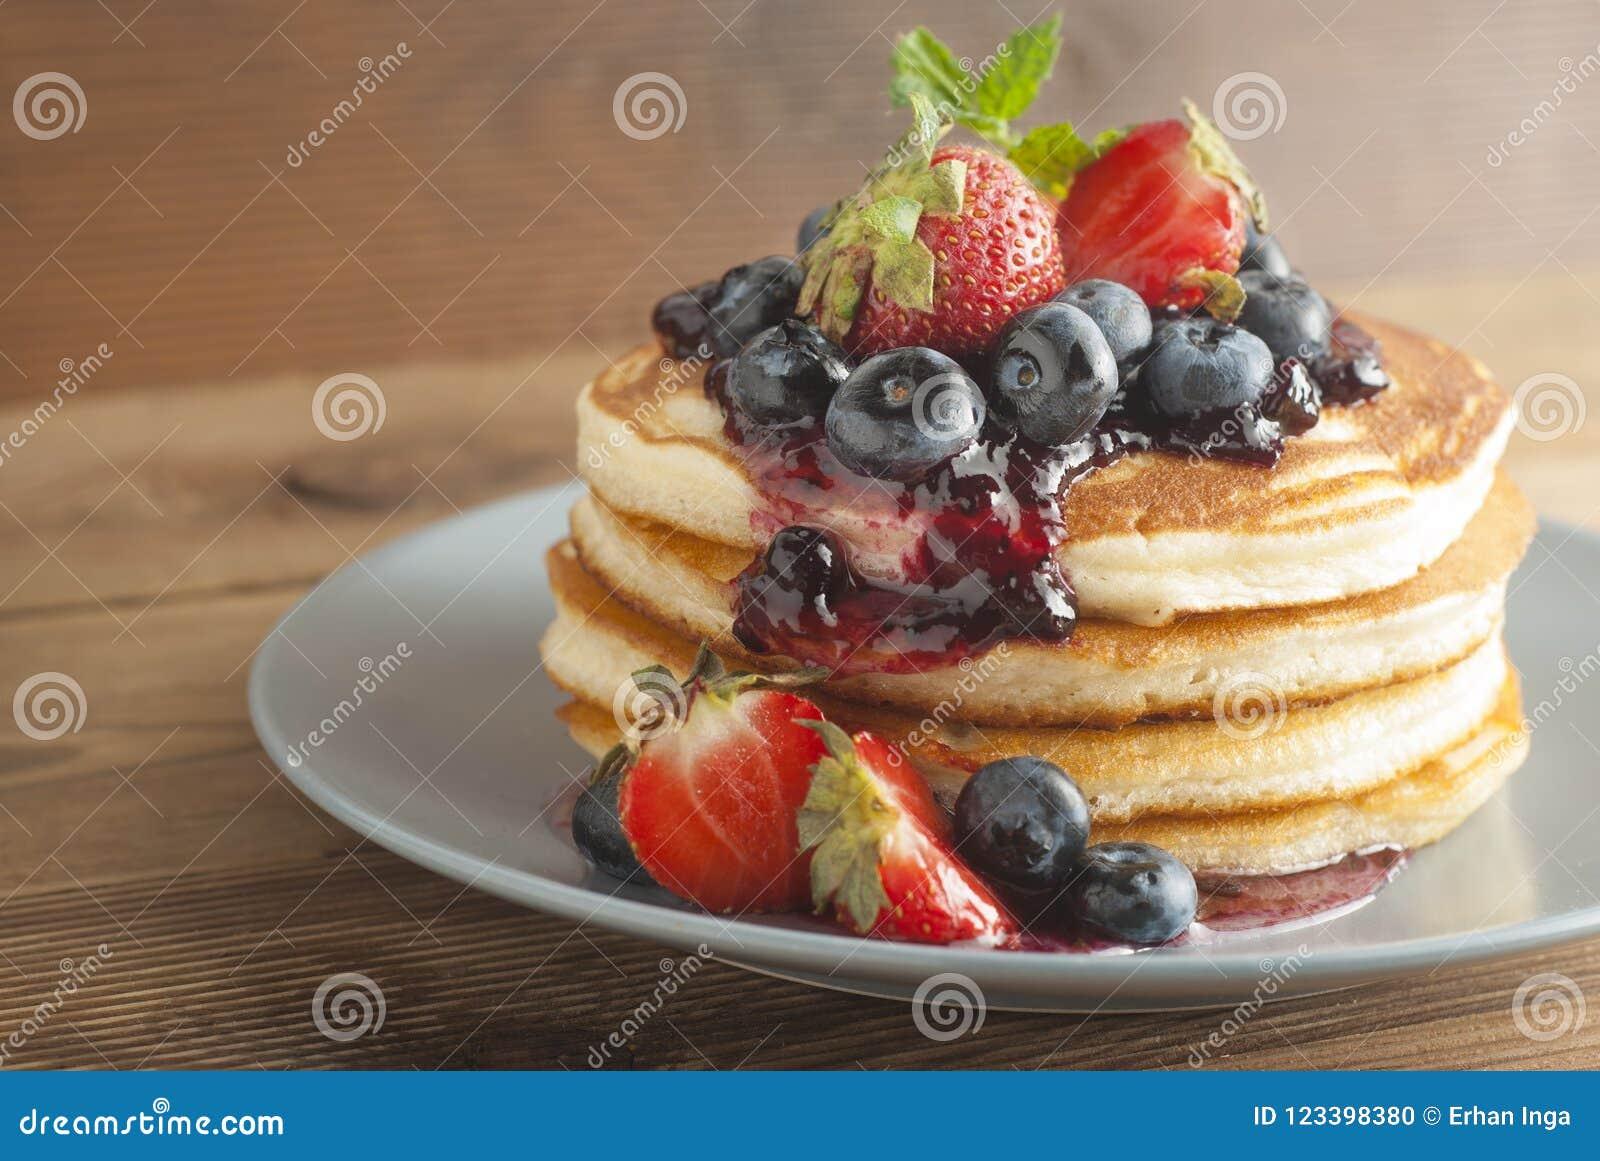 De Amerikaanse pannekoeken of fritters dienden met aardbei en bosbessenjam, heerlijk dessert voor ontbijt, rustieke stijl, houten